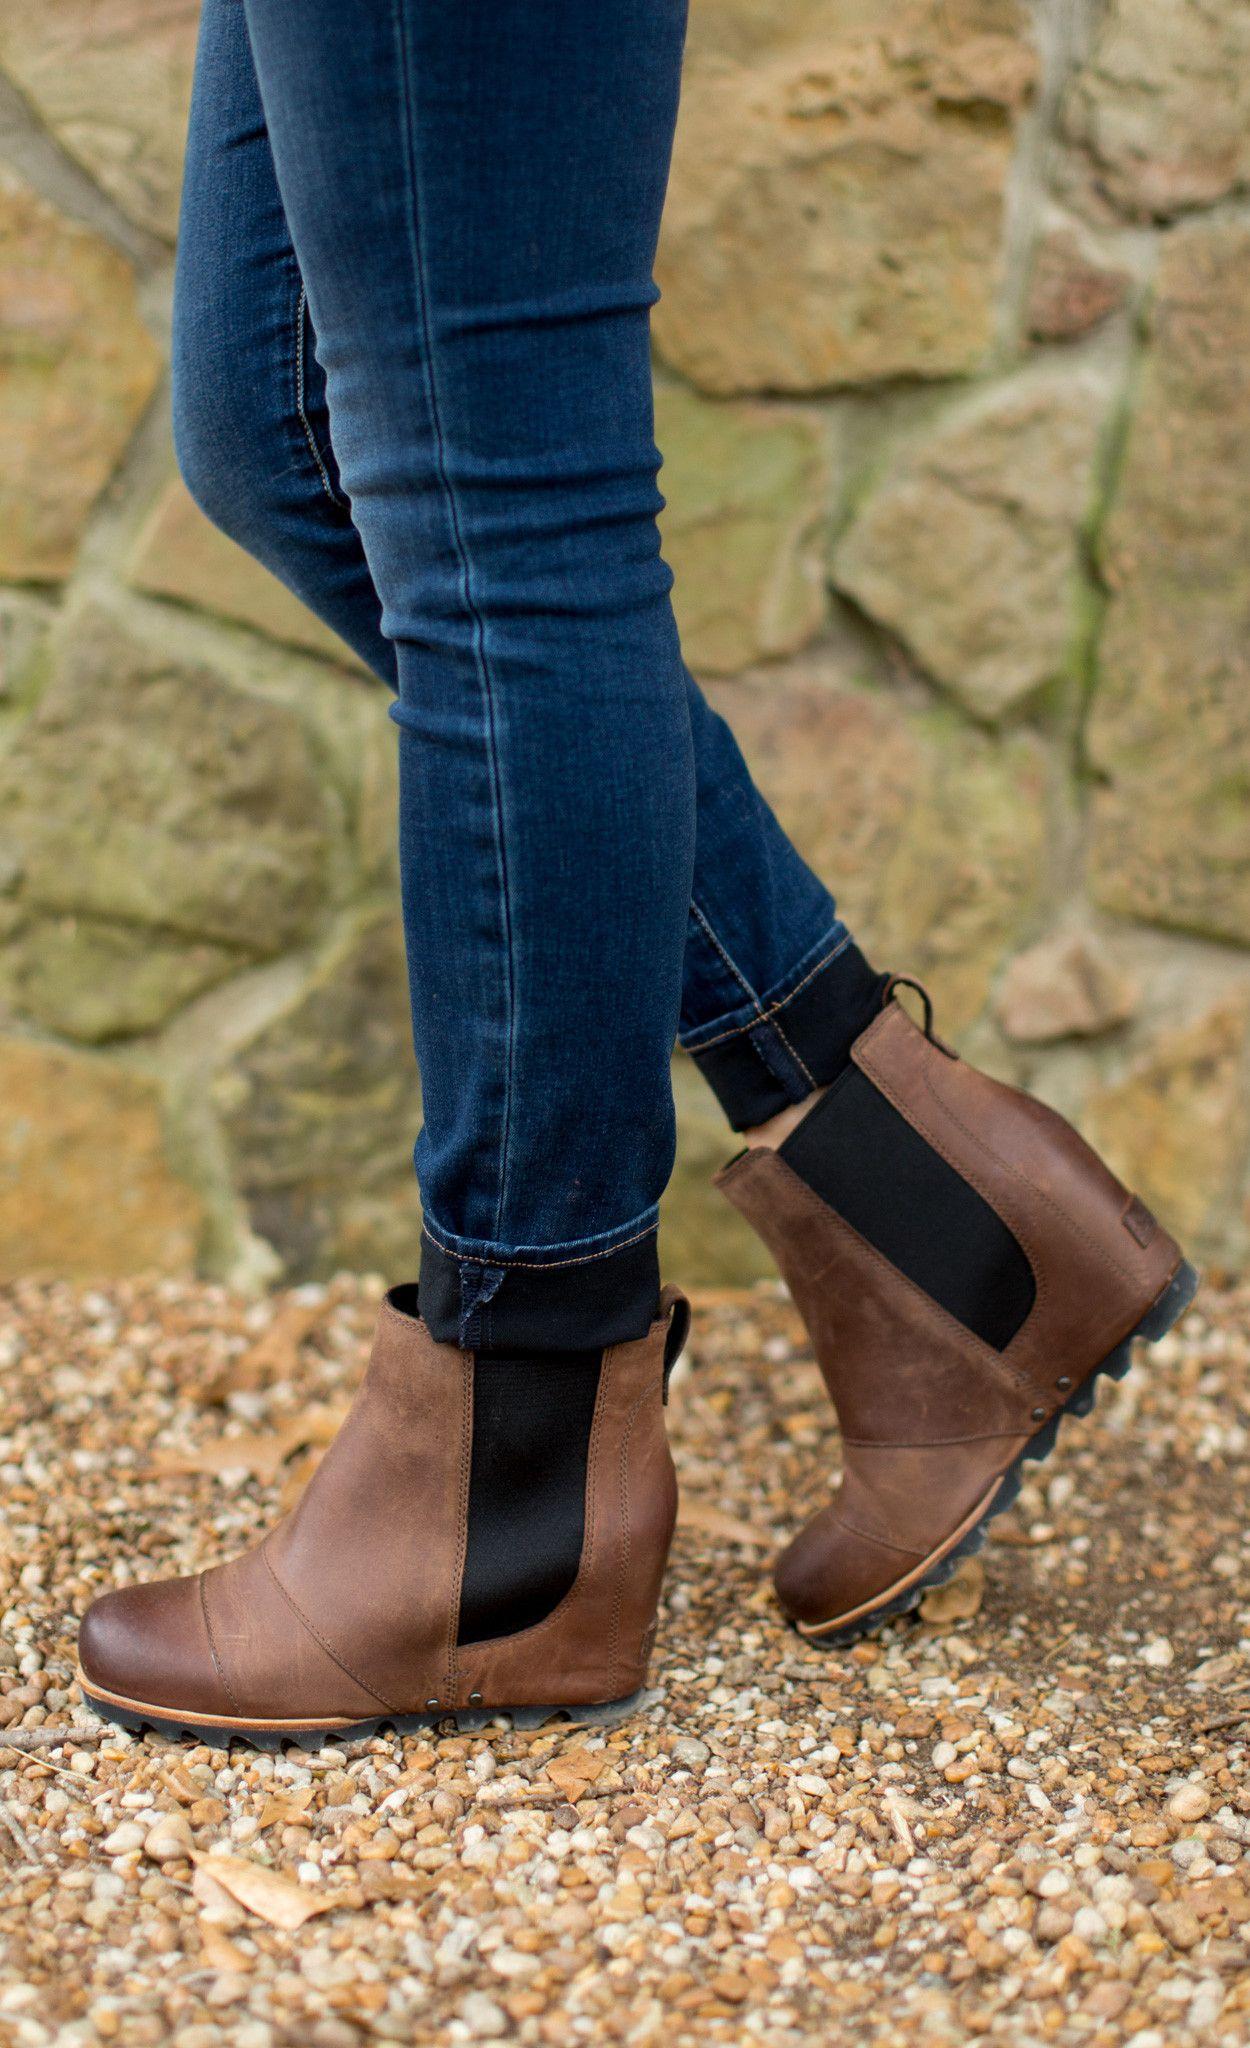 ba0431c7e6a4 Sorel - Boots - SOREL Lea Wedge Boot - Cheeky Peach Boutique - 6 ...